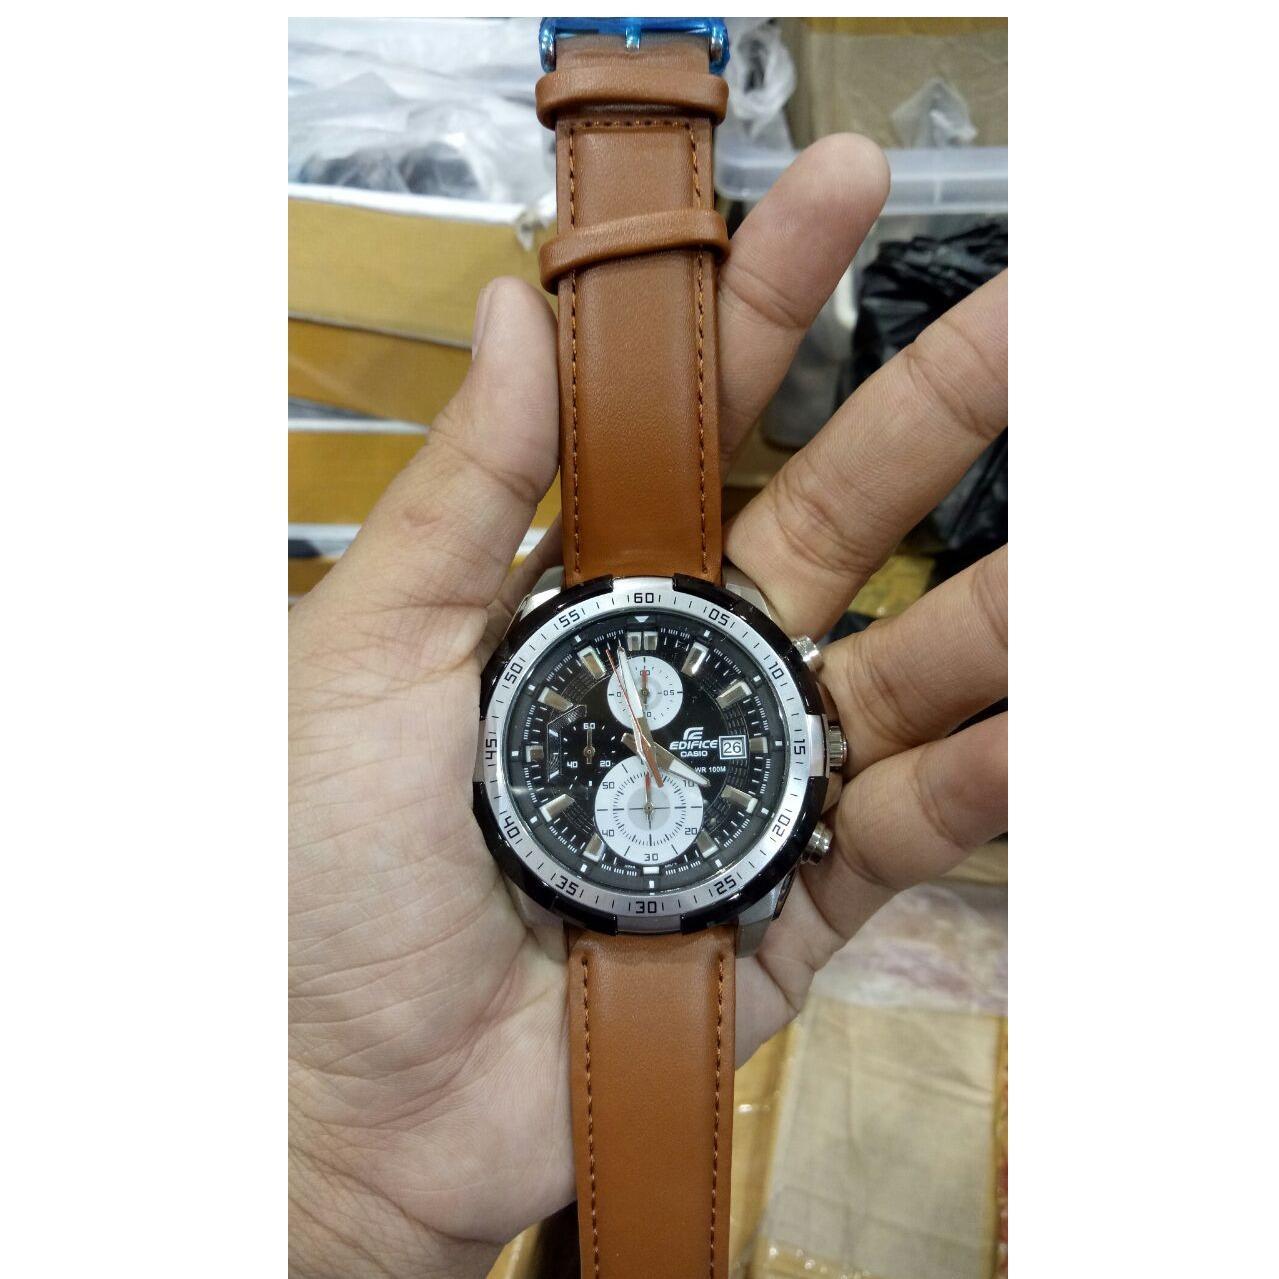 Detail Gambar Jam Tangan Casio Edifice EF 539L - 1AV Leather Brown Dial Black Series Edition Terbaru